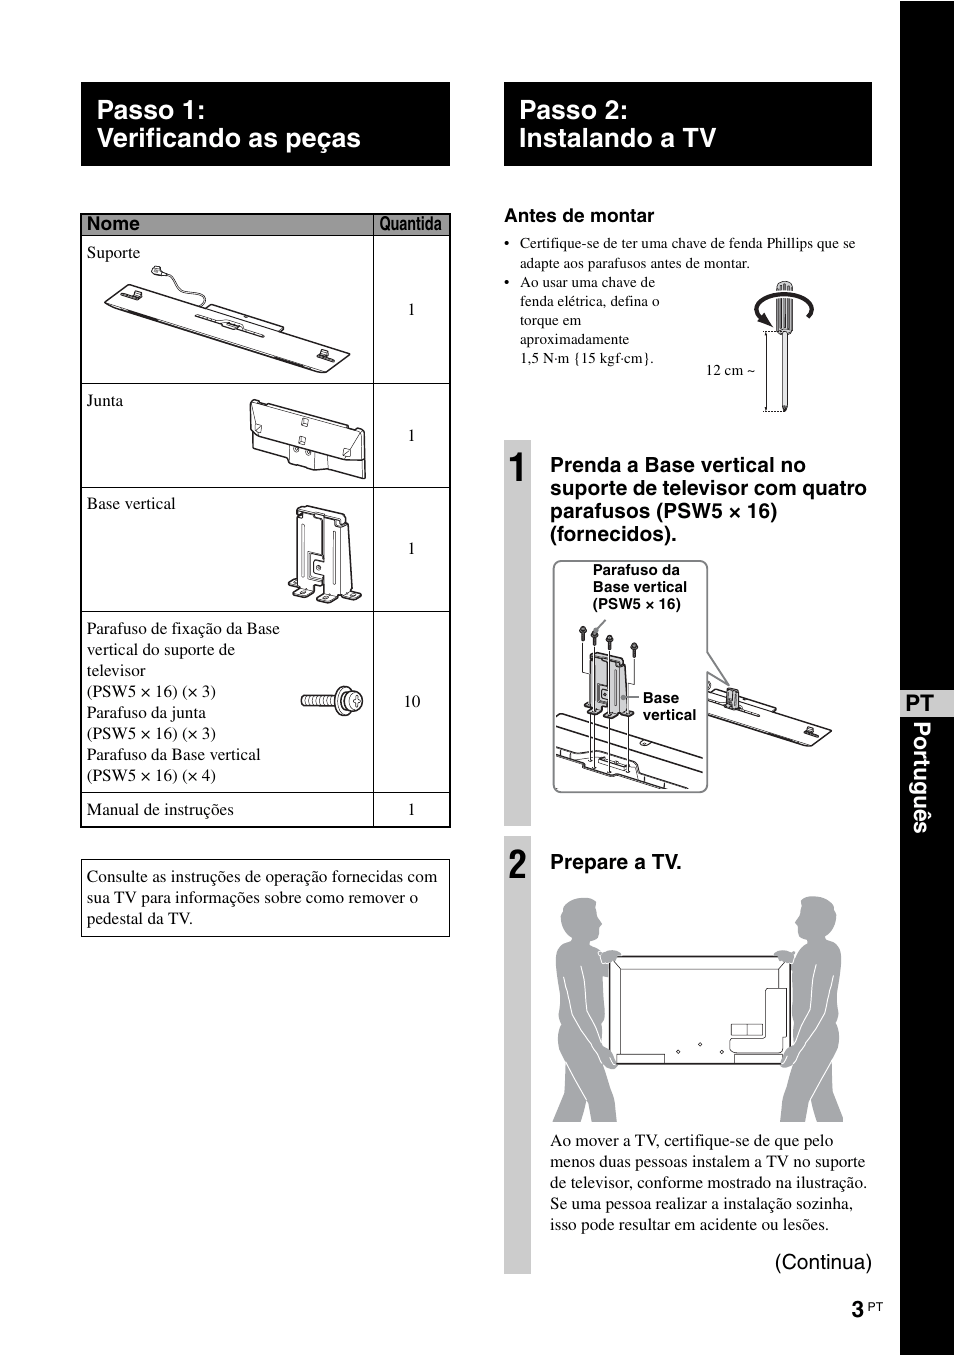 Passo 1: verificando as peças, Passo 2: instalando a tv